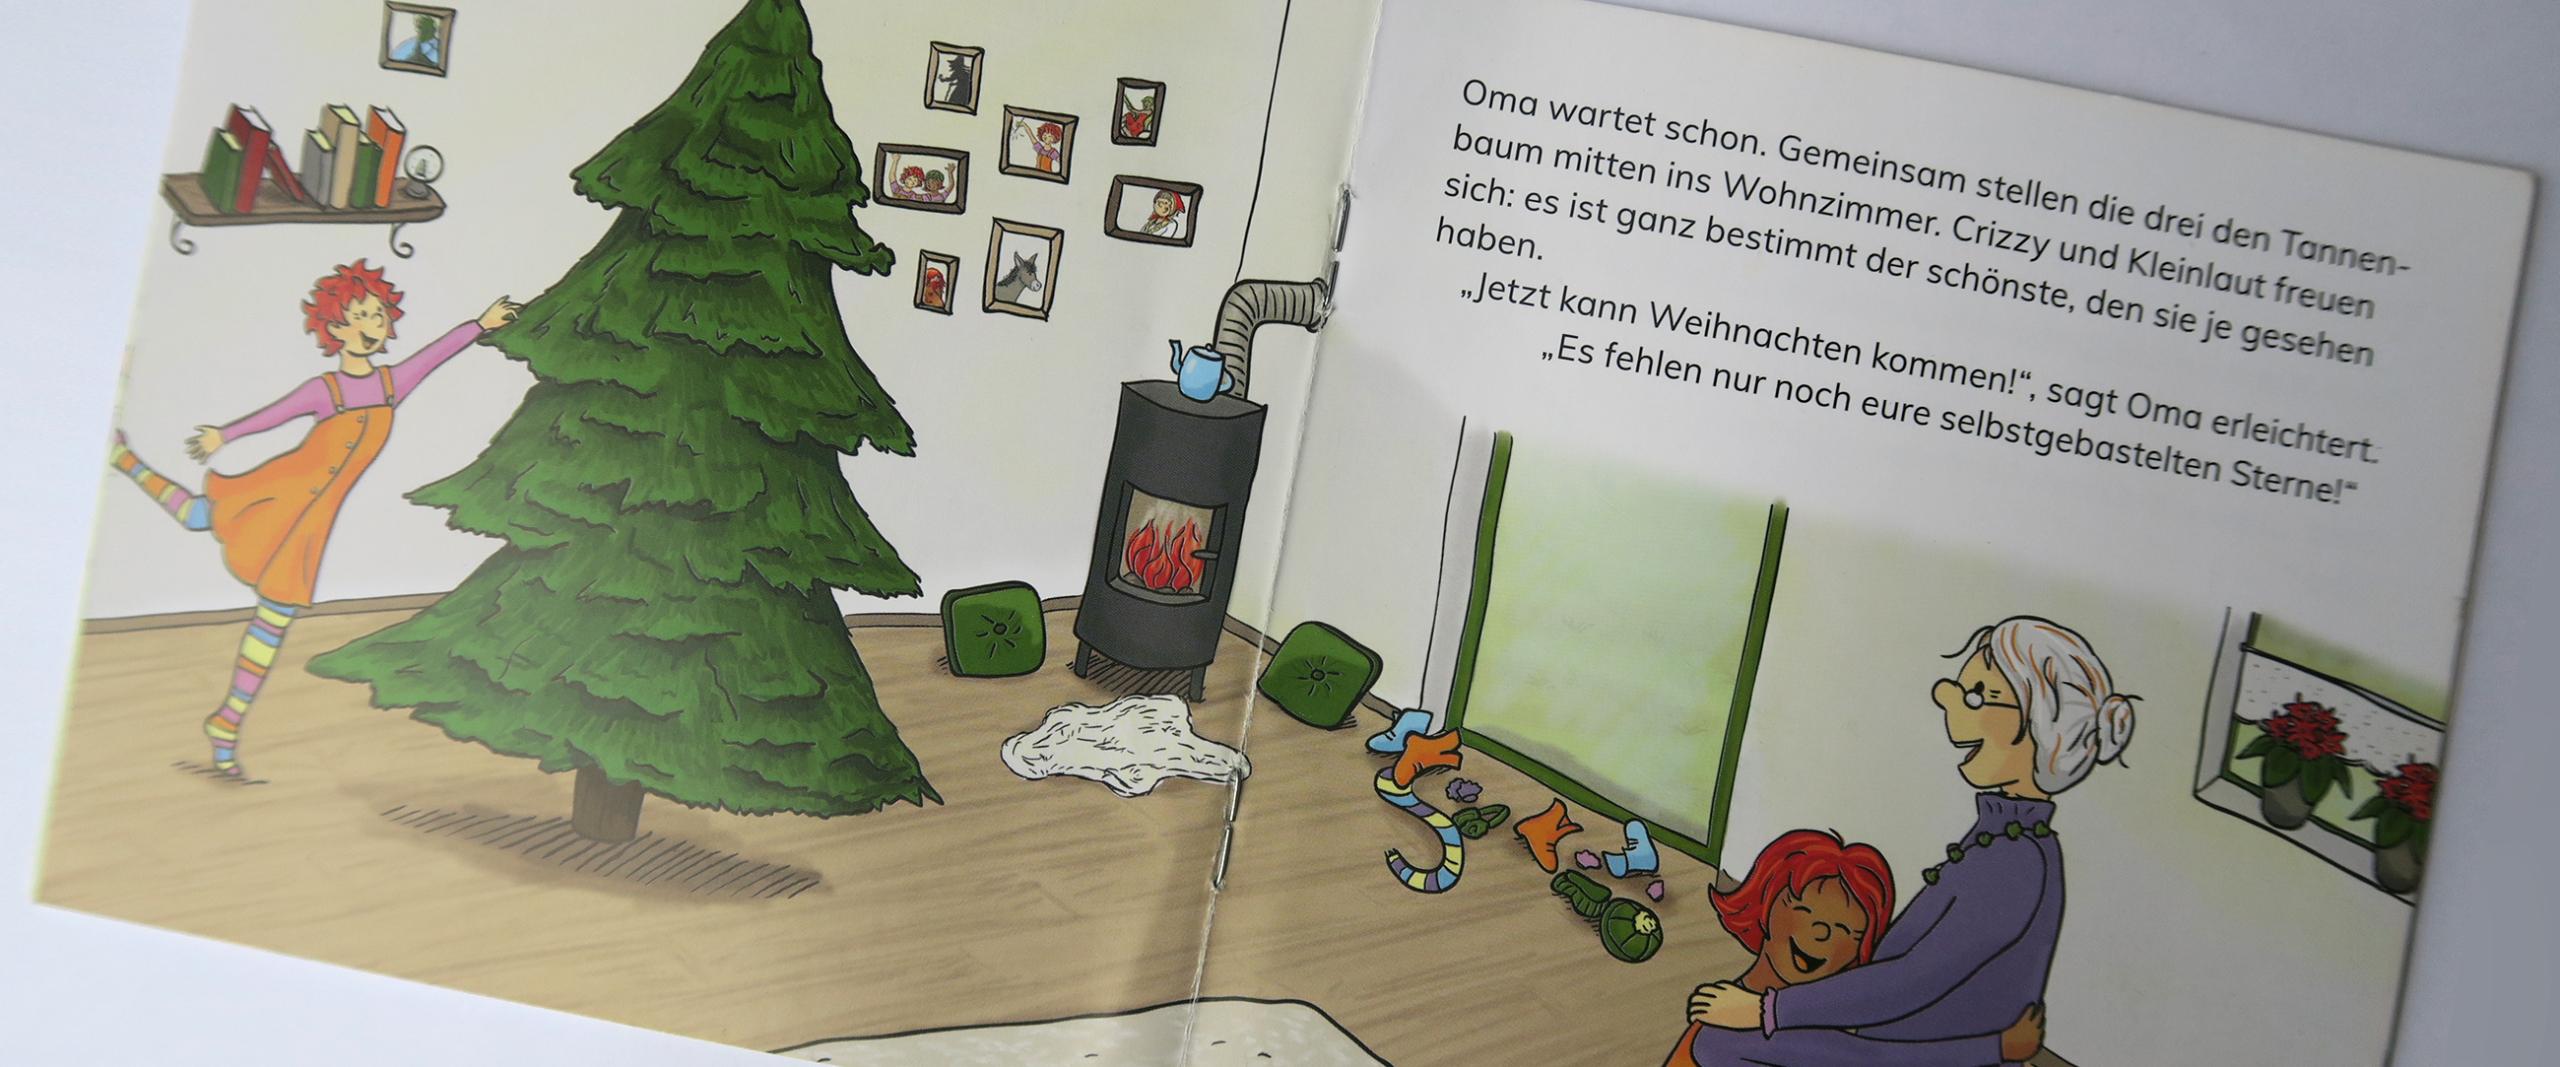 Hexe Kleinlaut Weihnachtsbuch